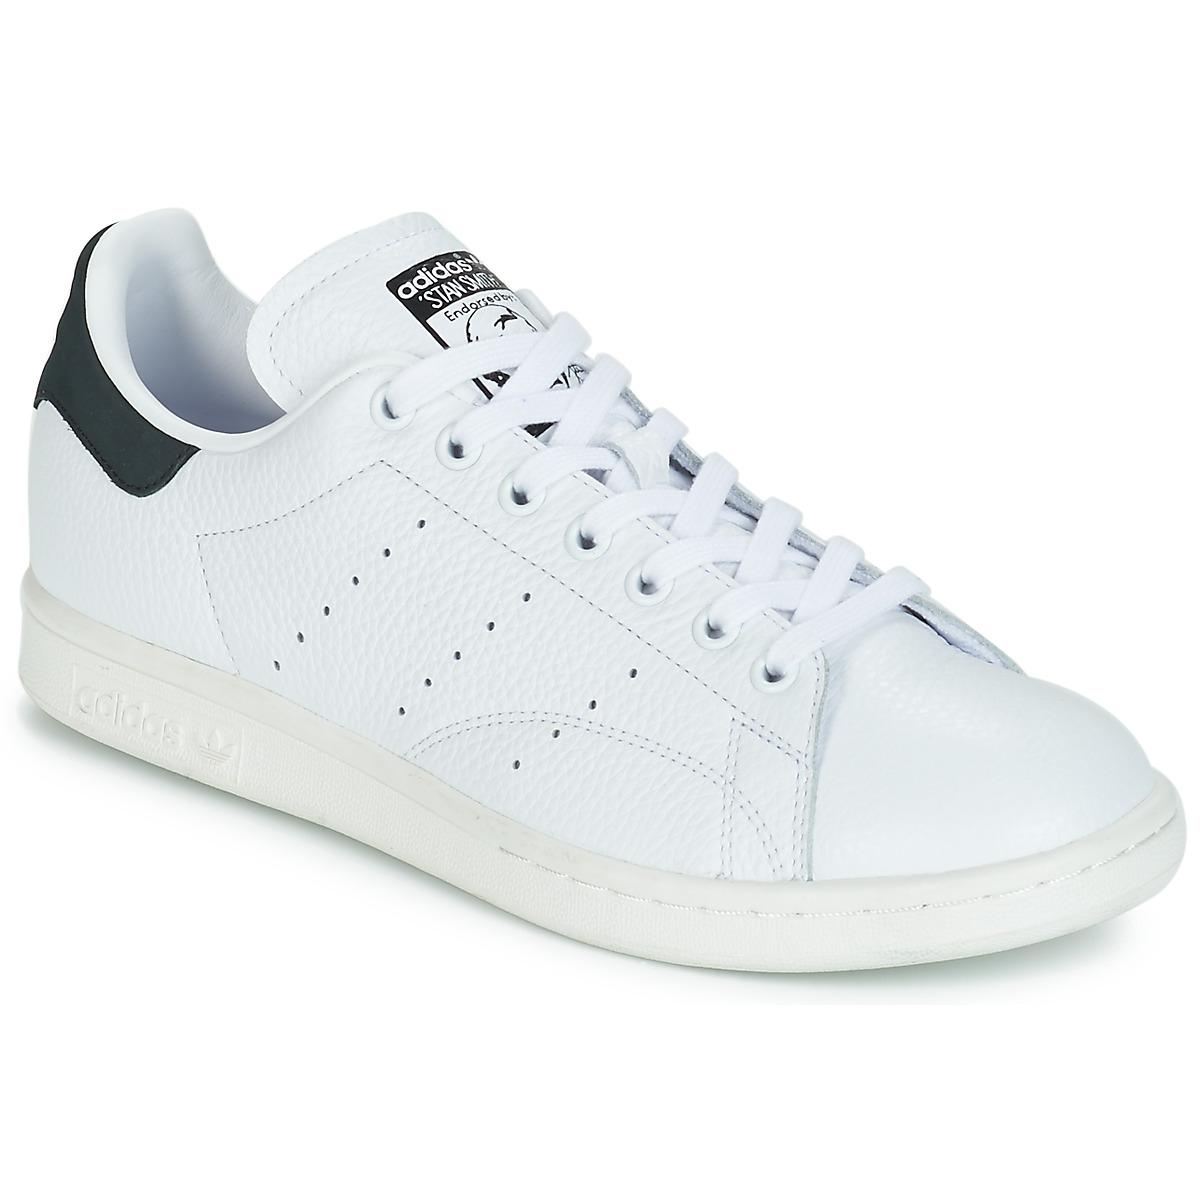 low priced 9ba1d 316d7 Adidas Adidas Adidas Originals STAN SMITH Blanco Negro - Nueva promoción - Zapatos  Deportivas bajas 86a6e2